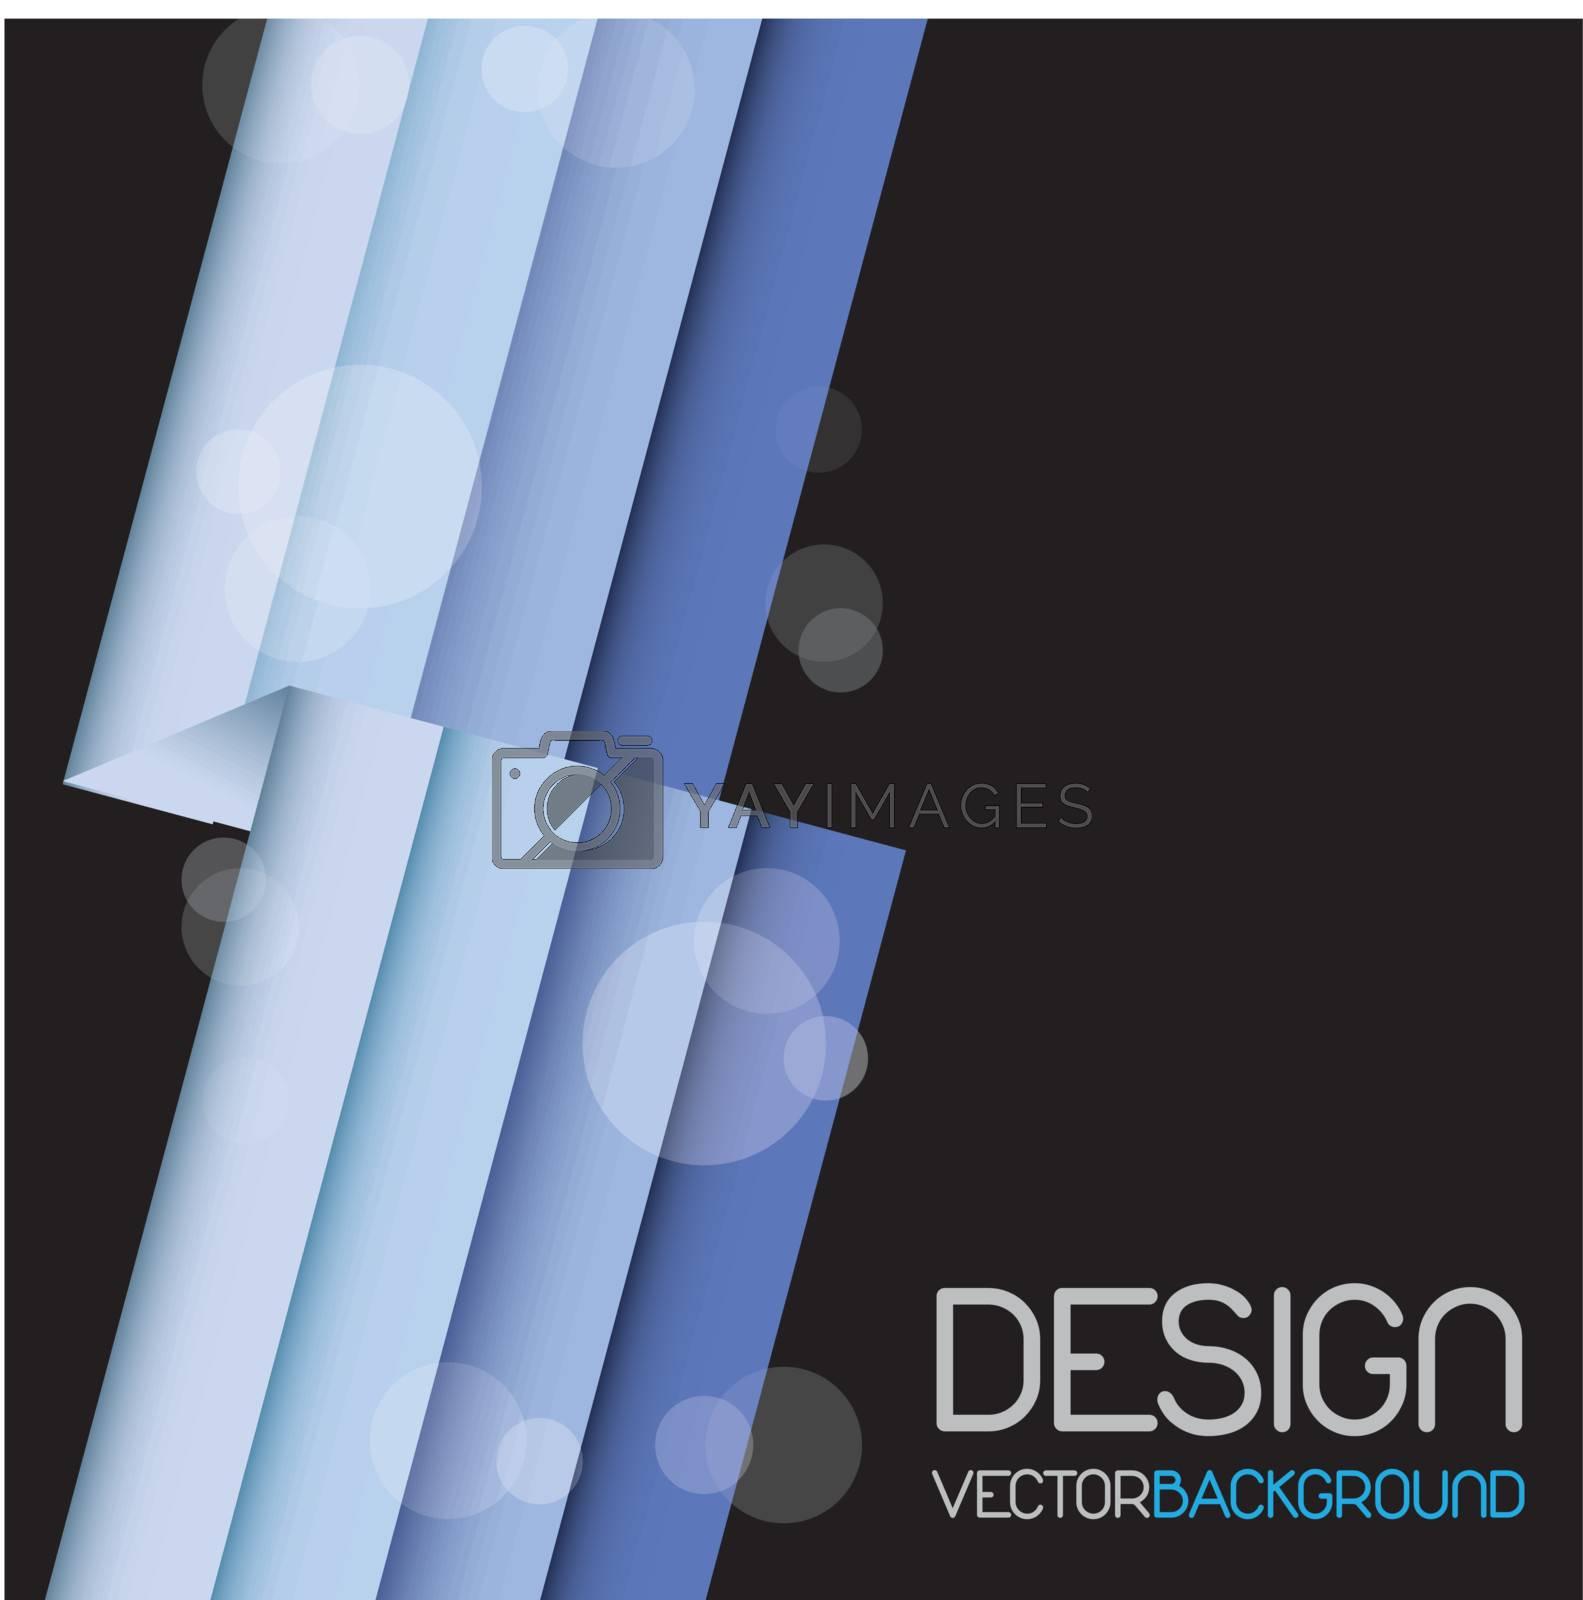 Design blue lines over black background.